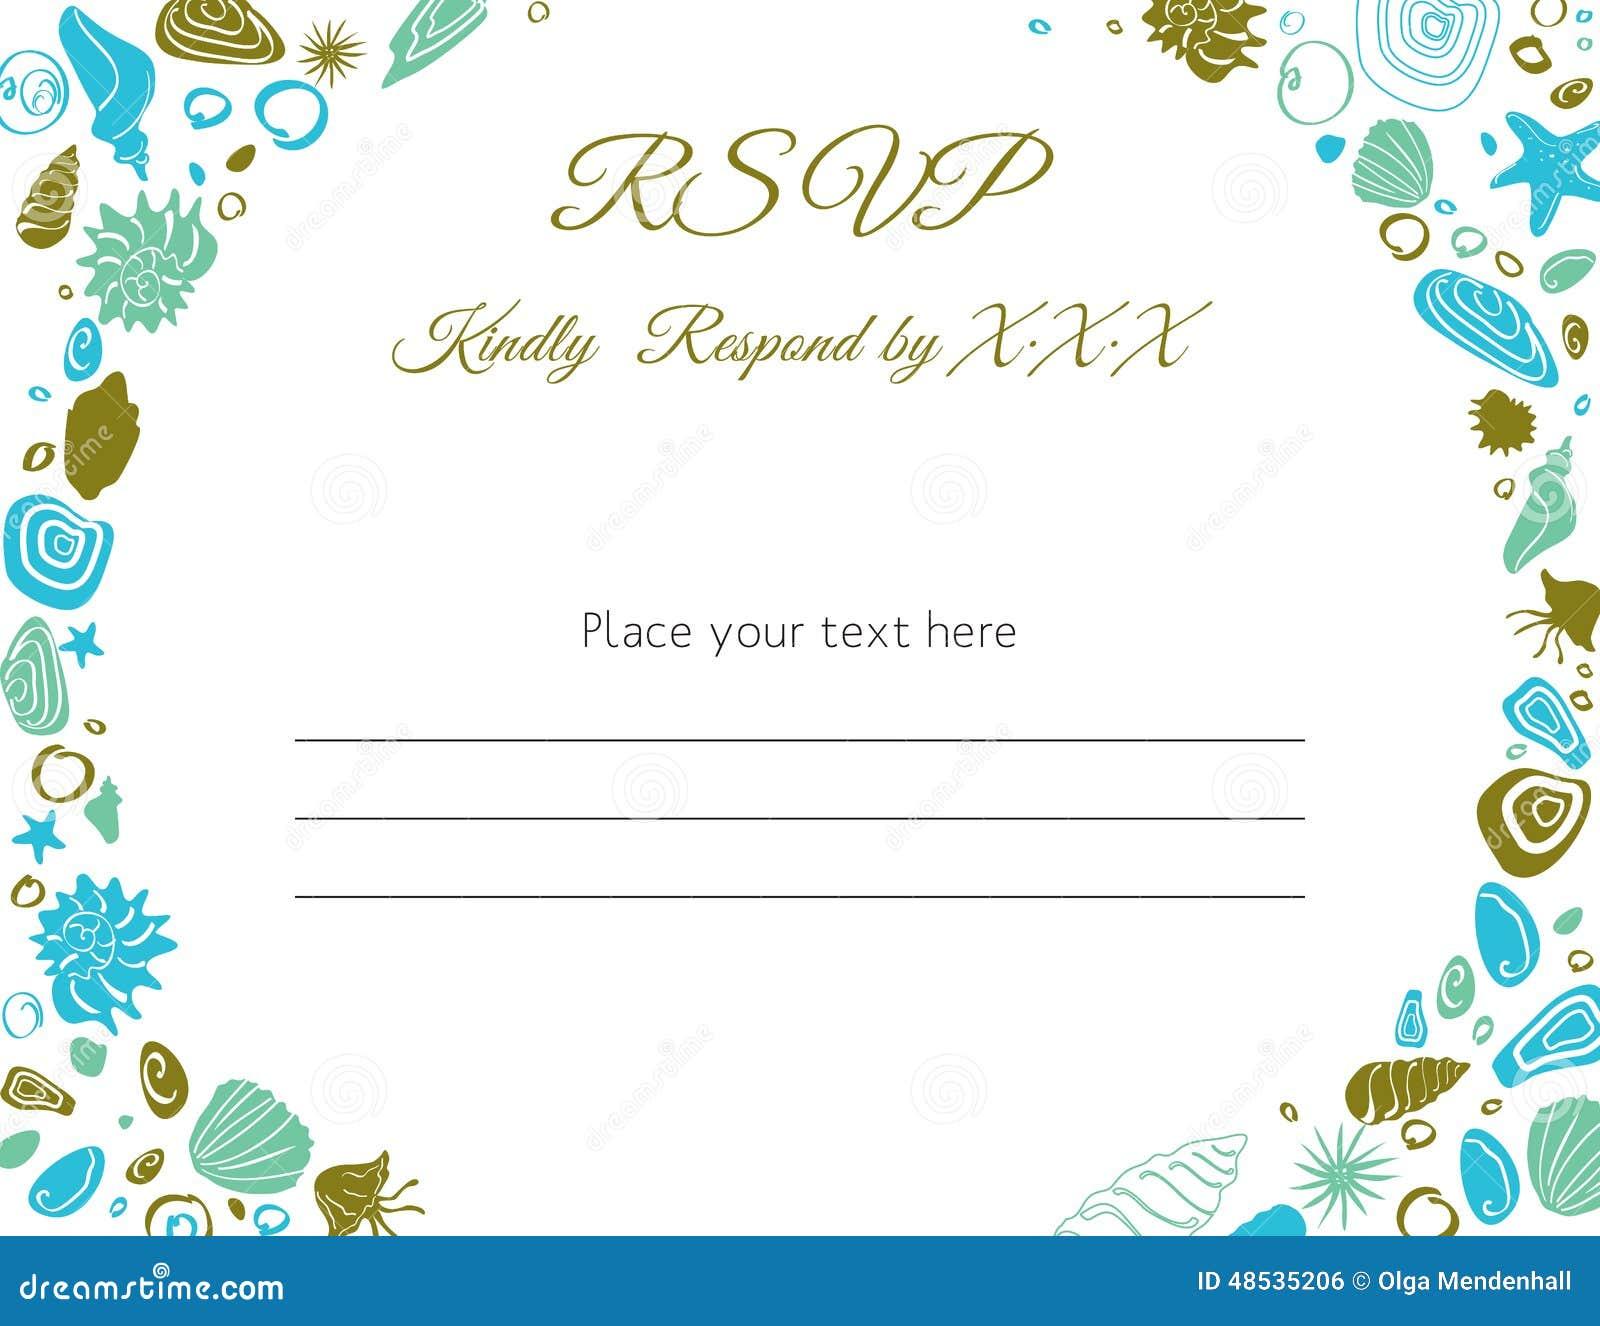 Beach Theme Card Stock: Ocean Theme RSVP Card Stock Vector. Illustration Of Beach